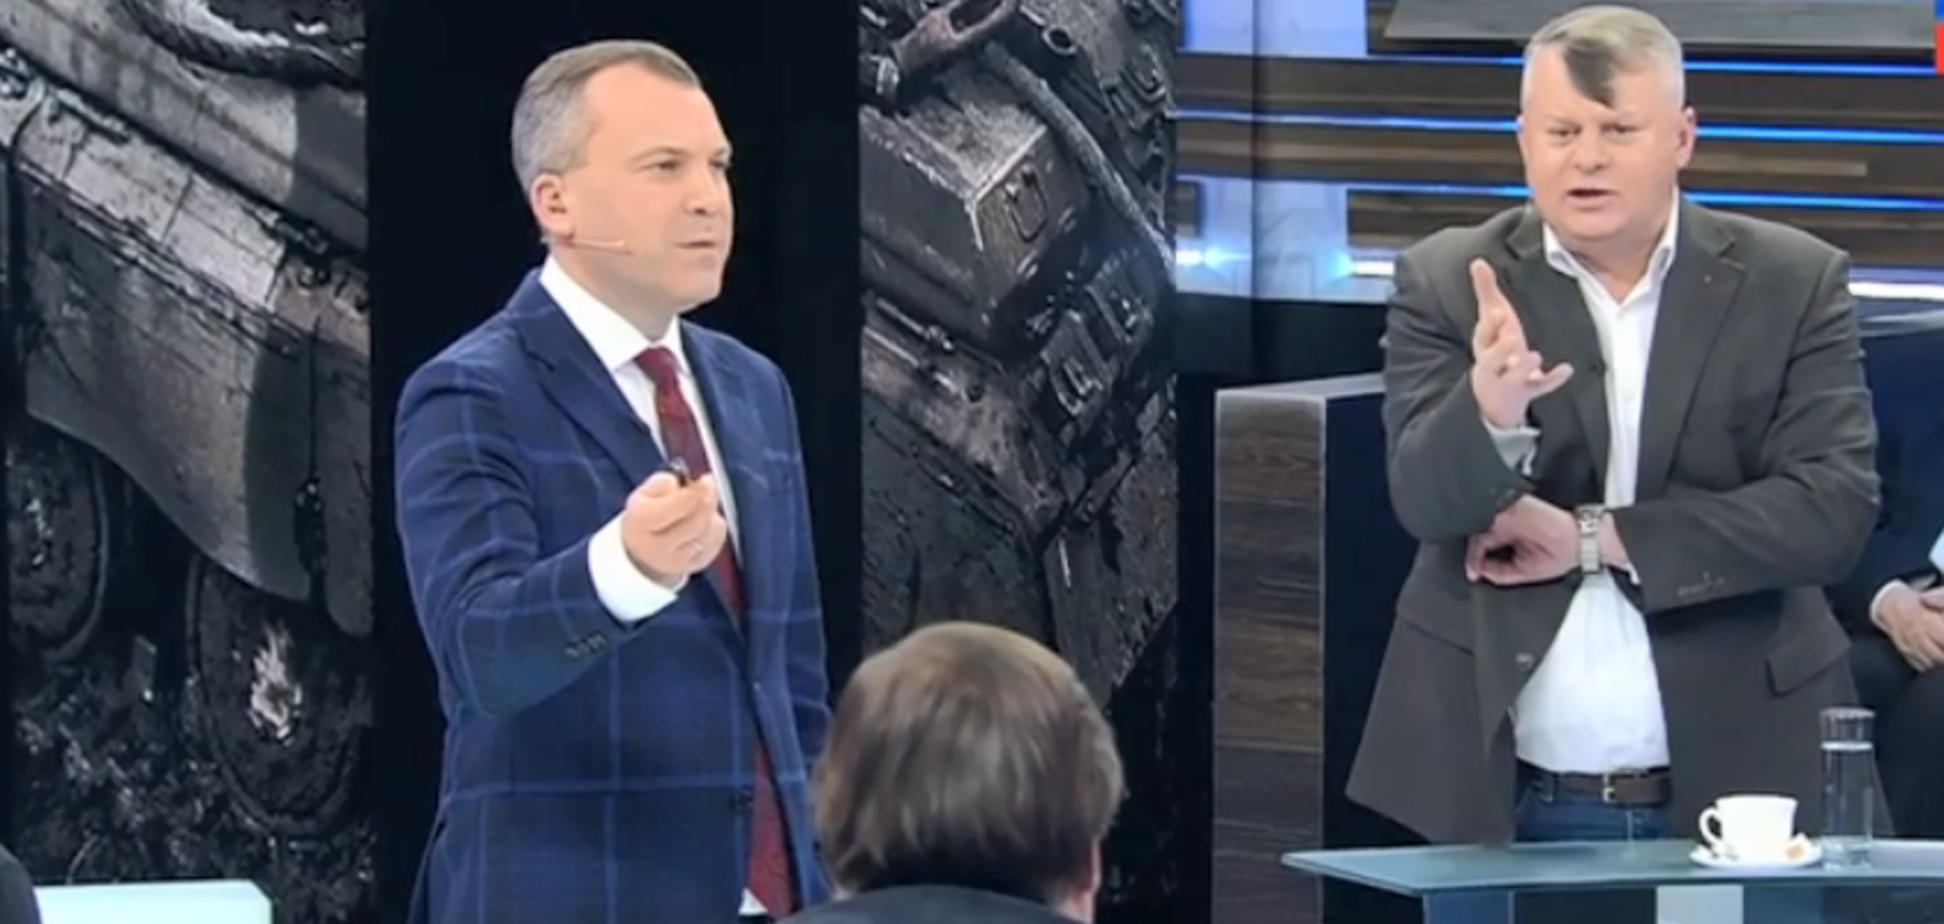 ''Подонок!'' Украинцы жестко сцепились на КремльТВ